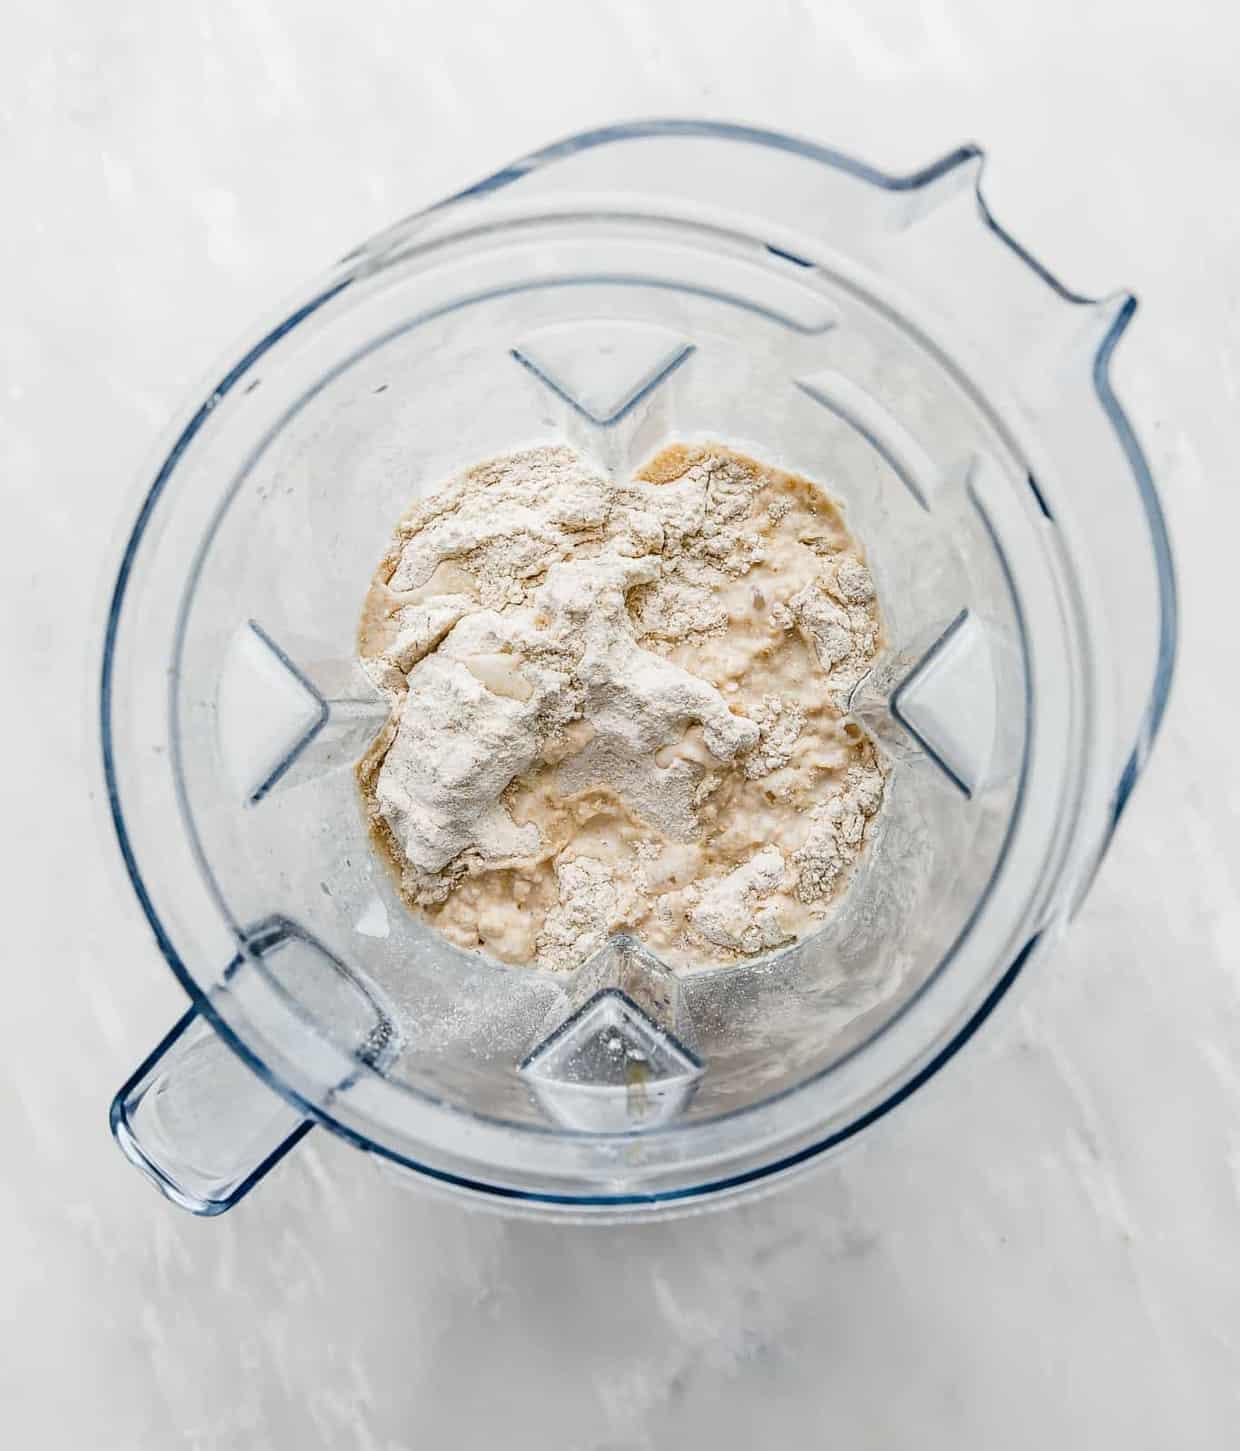 A blender full of ingredients used to make healthy German pancakes.